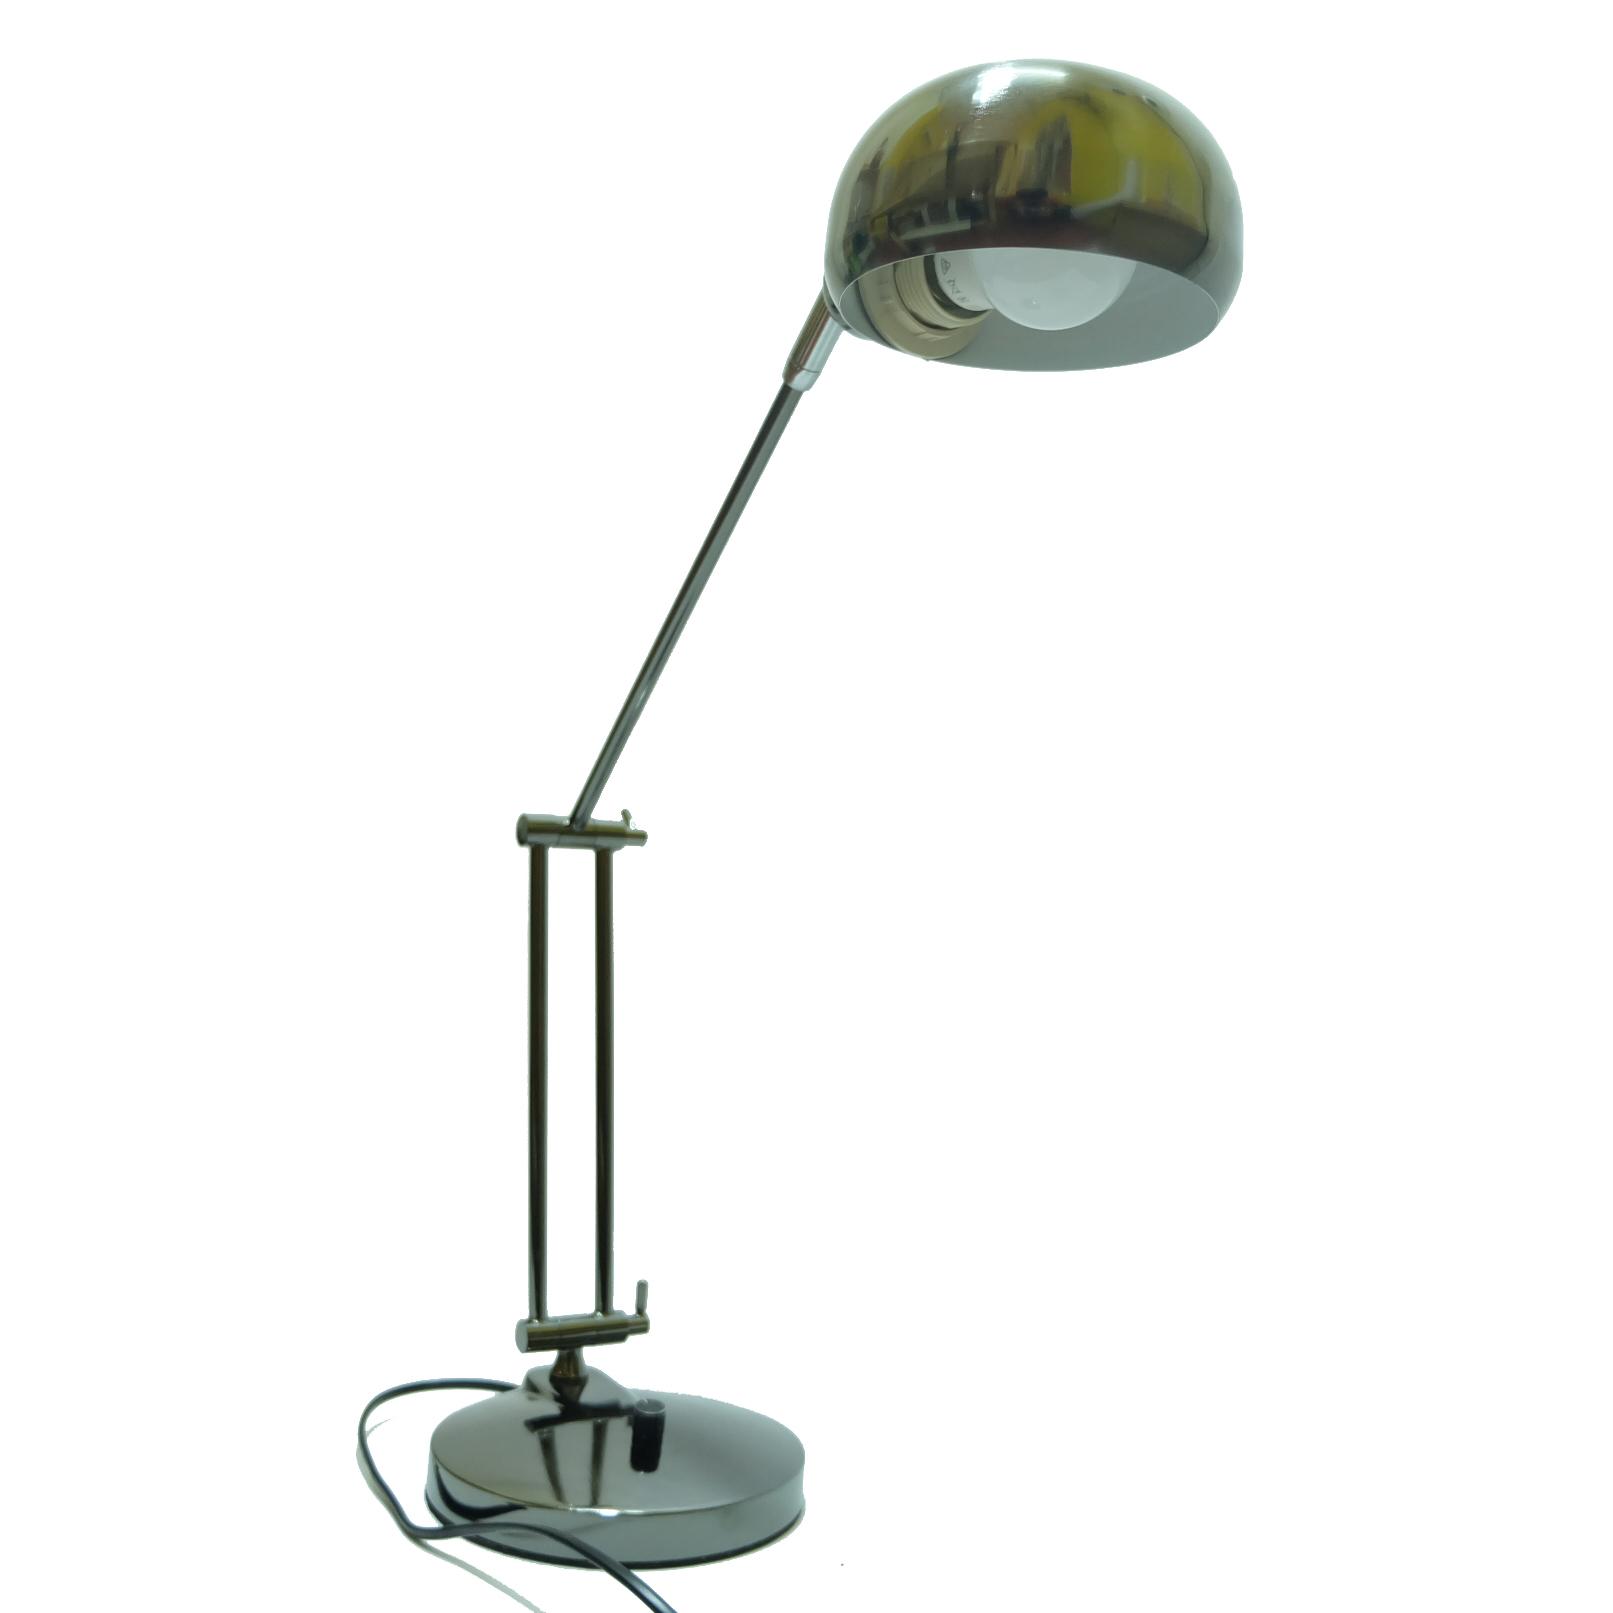 Favorlamp-Den-ban-lam-viec-Spul10 Đèn làm việc SPUL